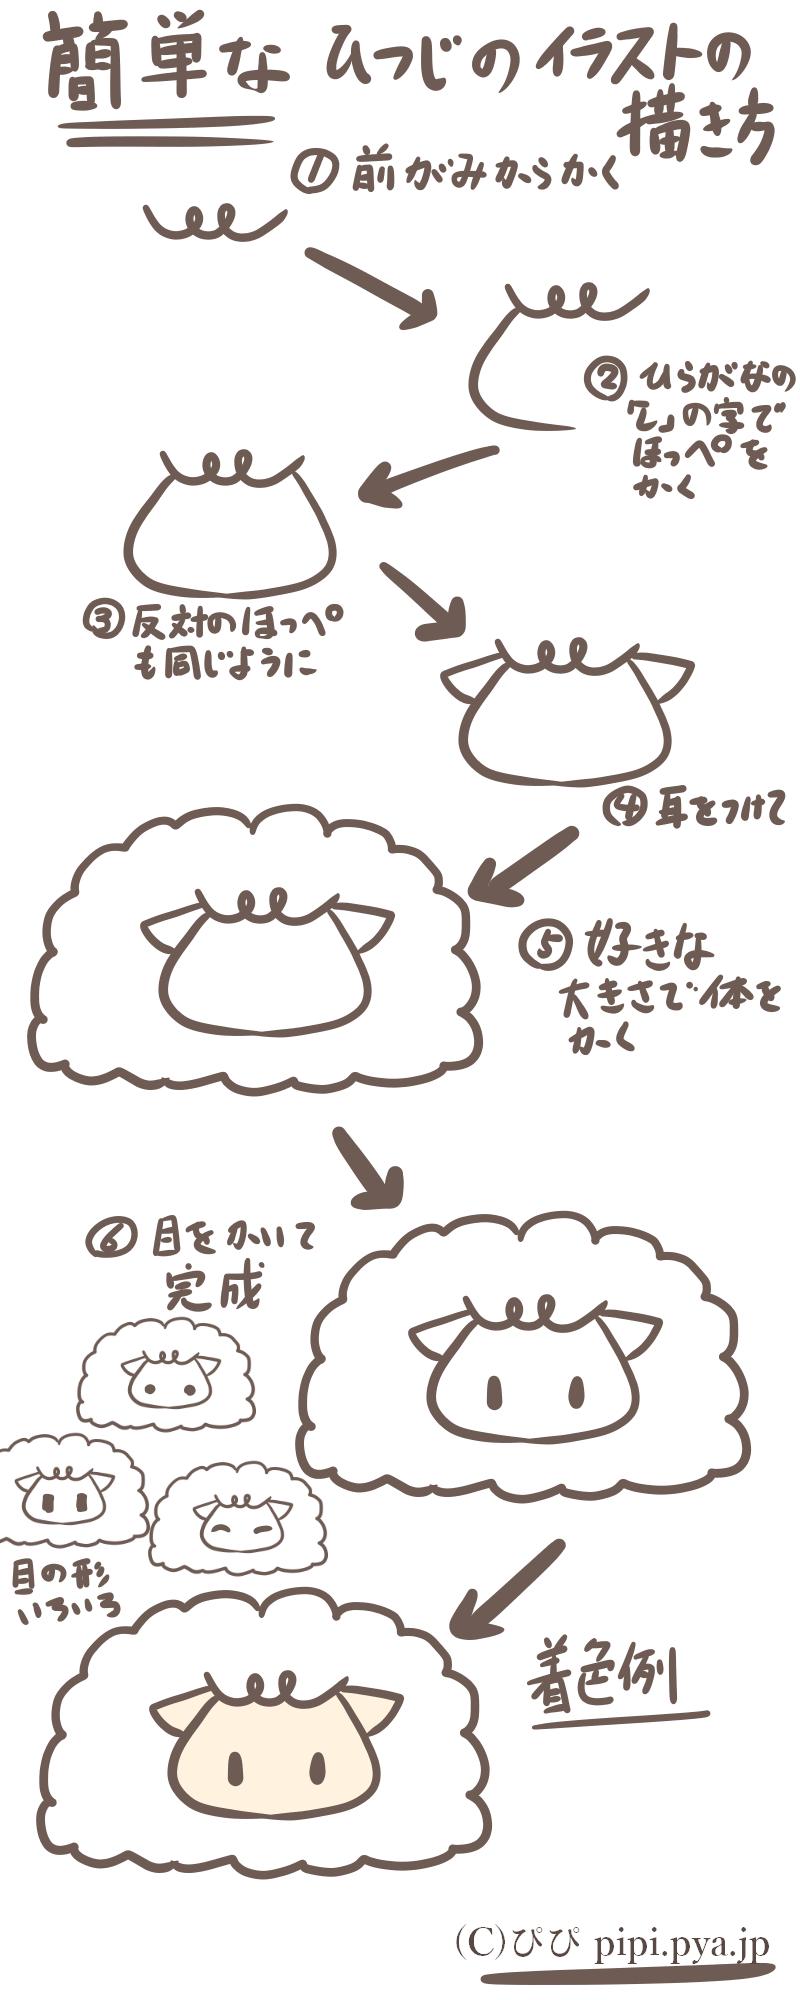 簡単な羊の描き方 How To Draw イラスト 描き方 イラスト 書き方